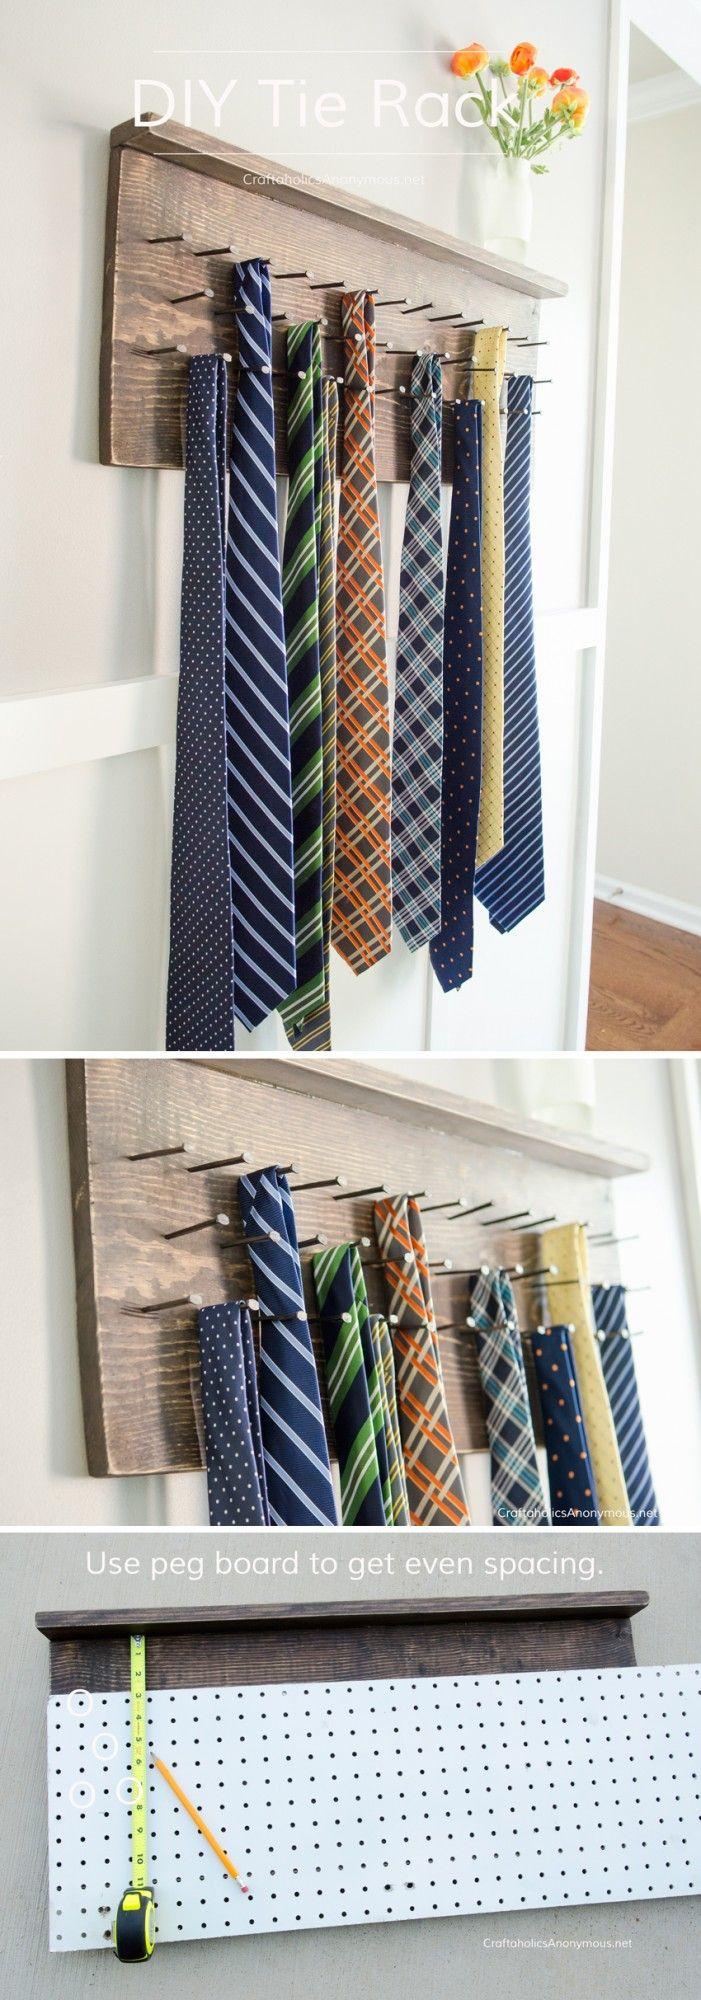 Rustic Wood Tie Rack DIY tutorial